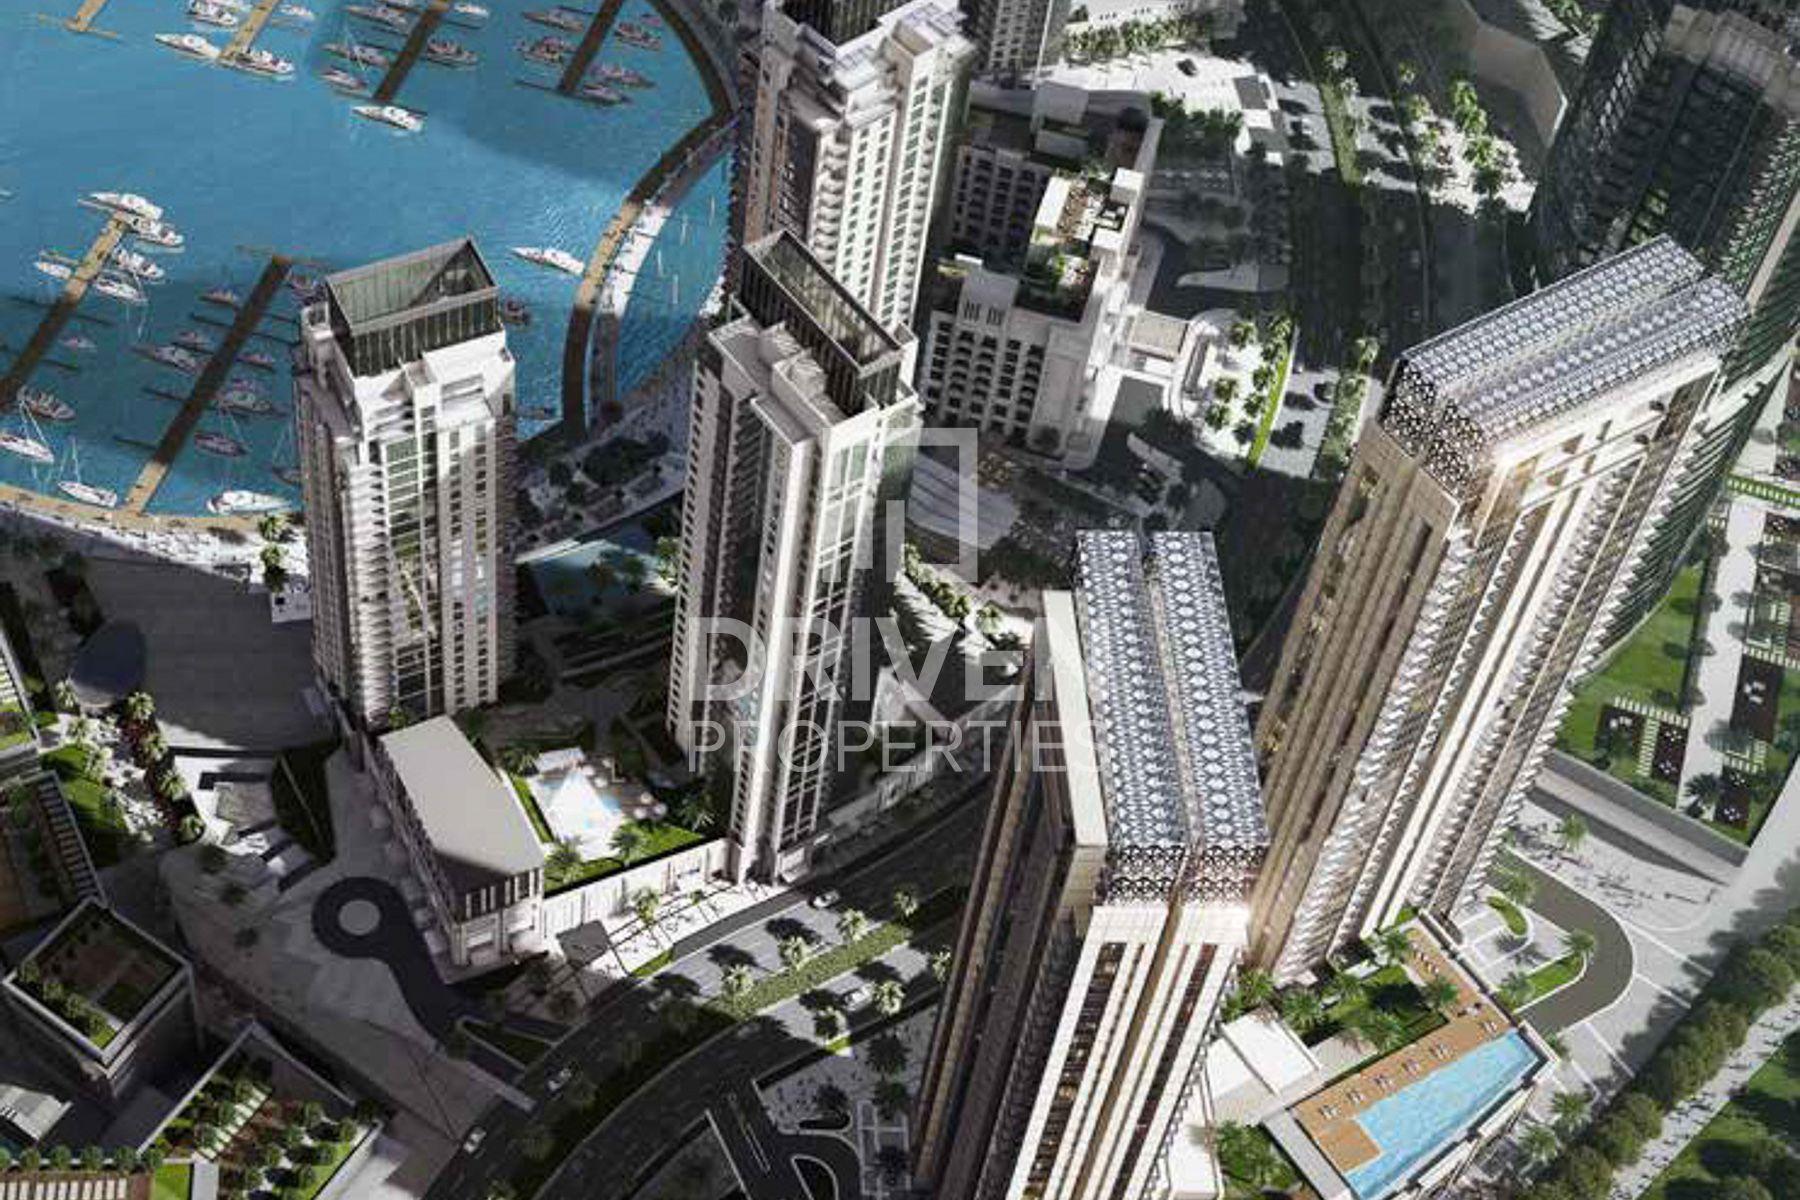 680 قدم مربع  شقة - للبيع - ميناء خور دبي